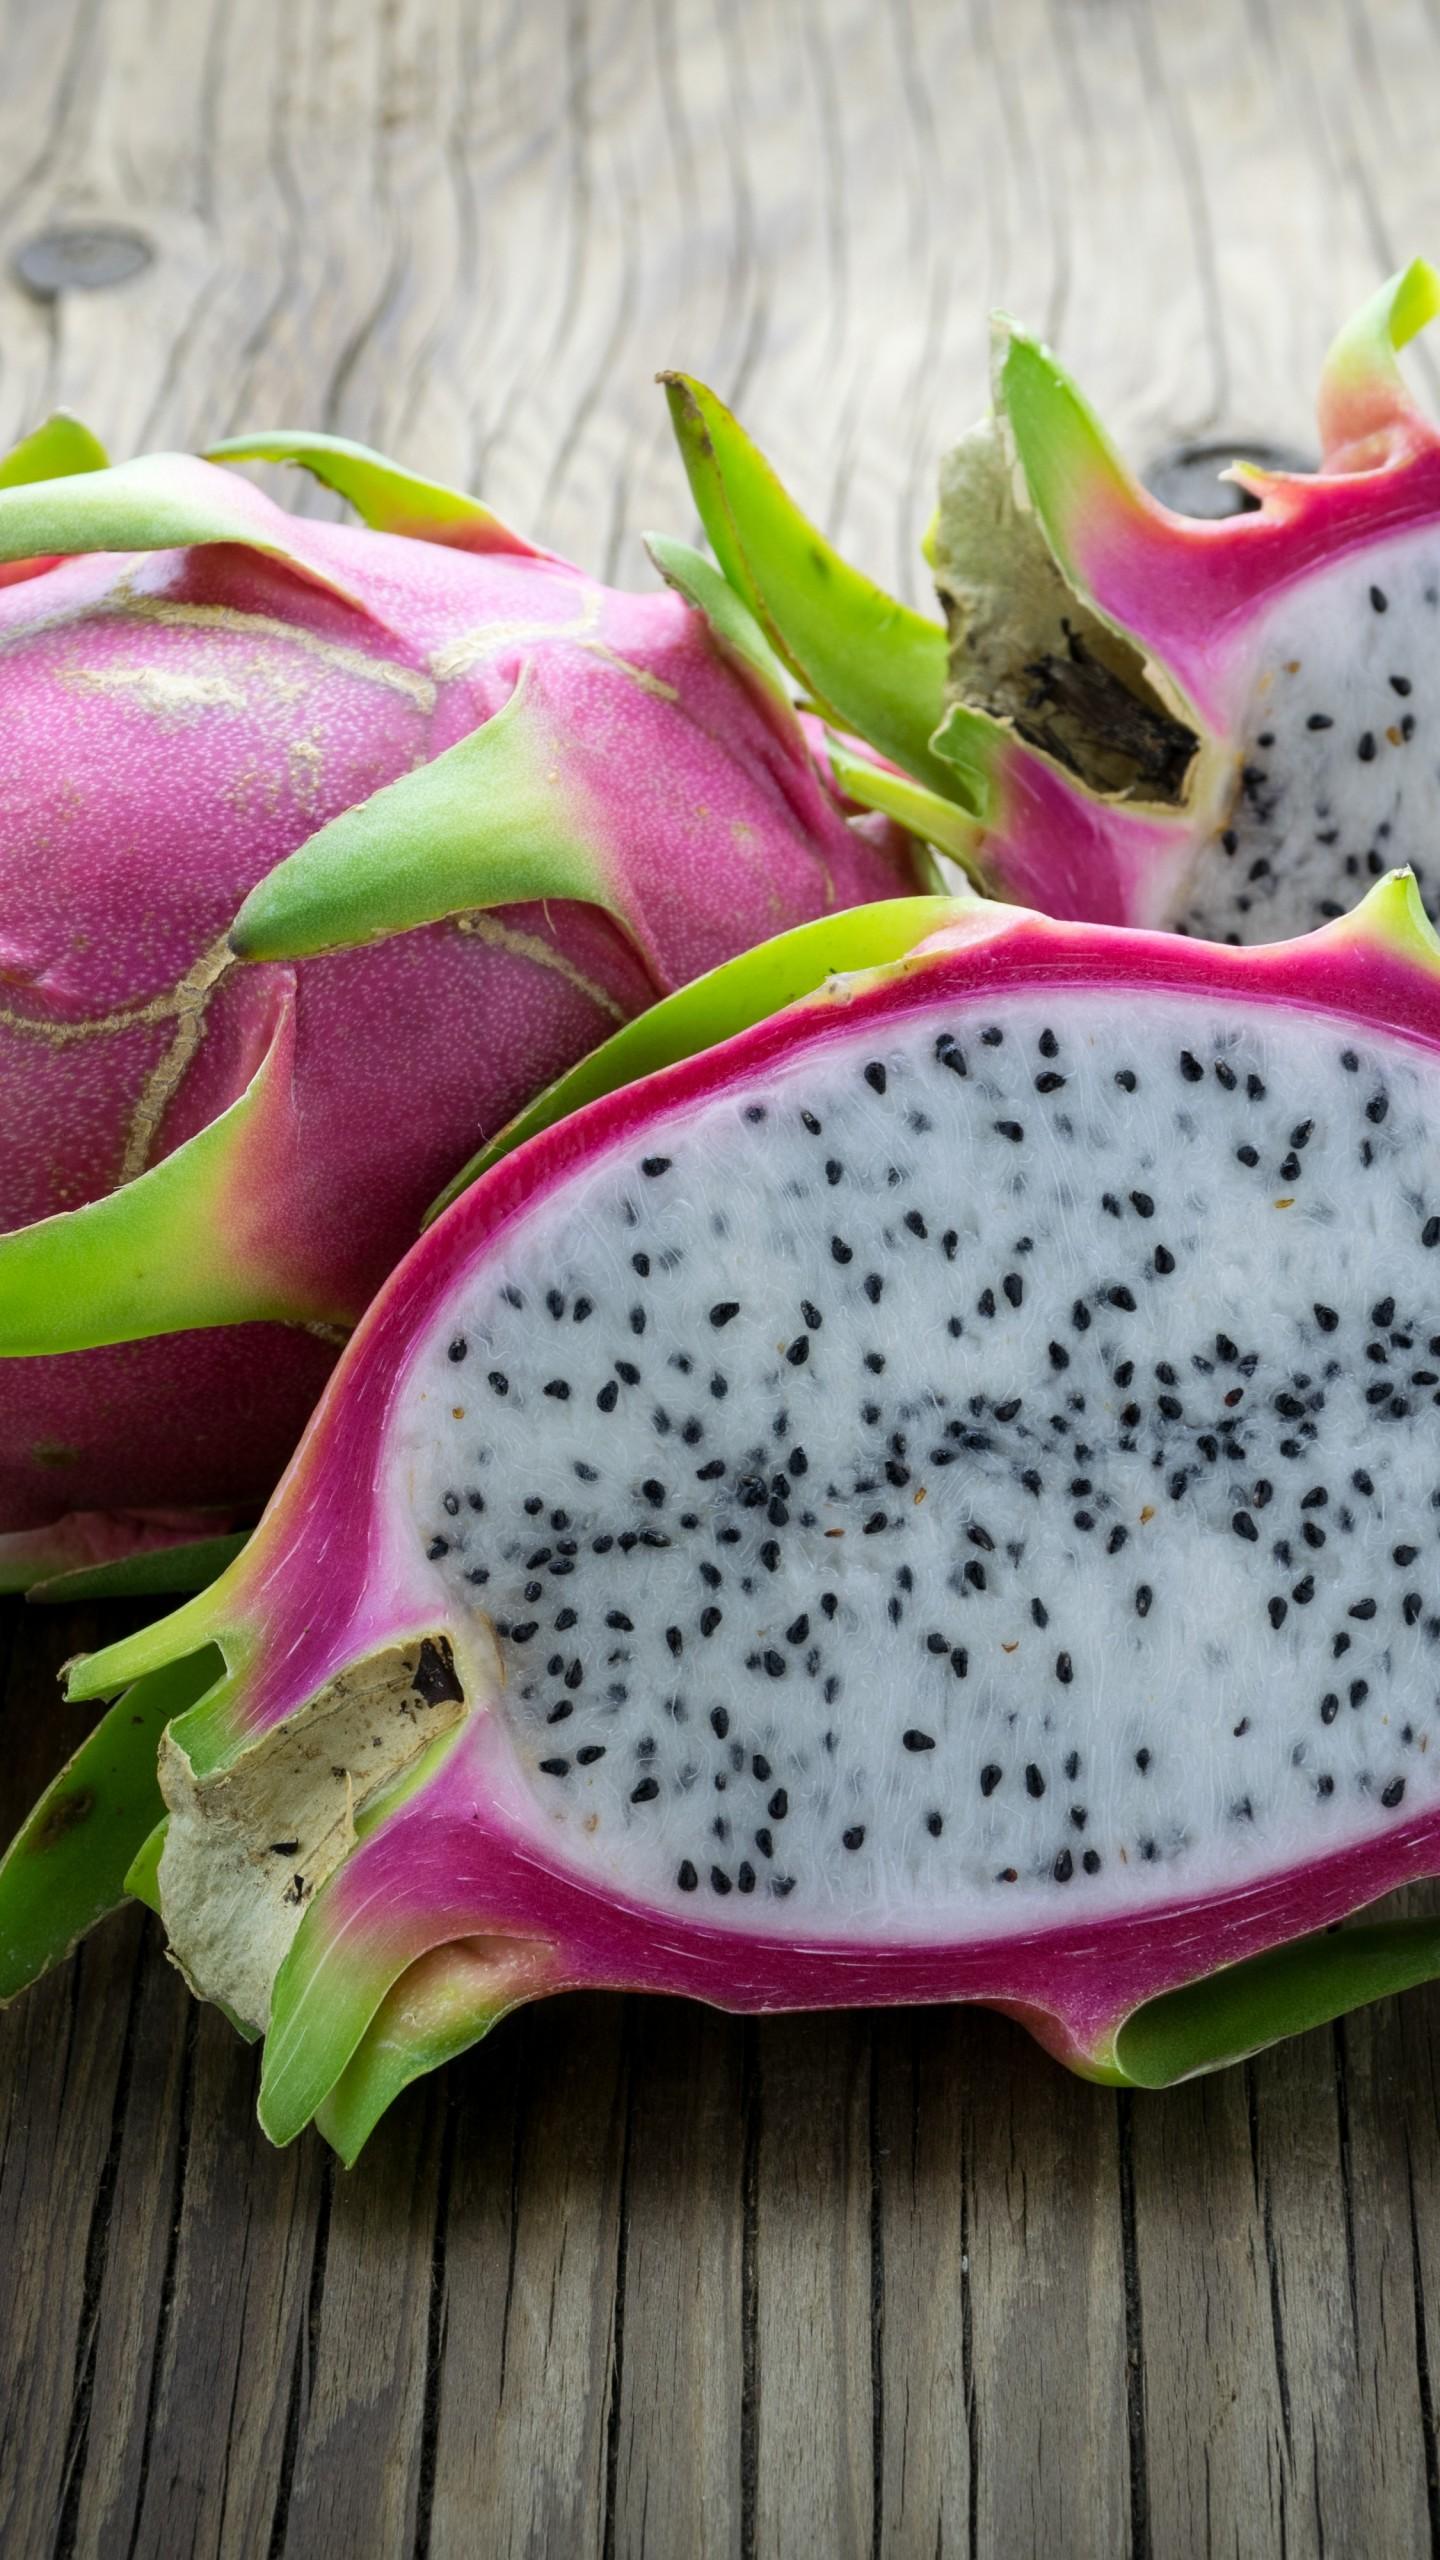 Wallpaper dragon fruit, pitaya, 5k, Food #15328